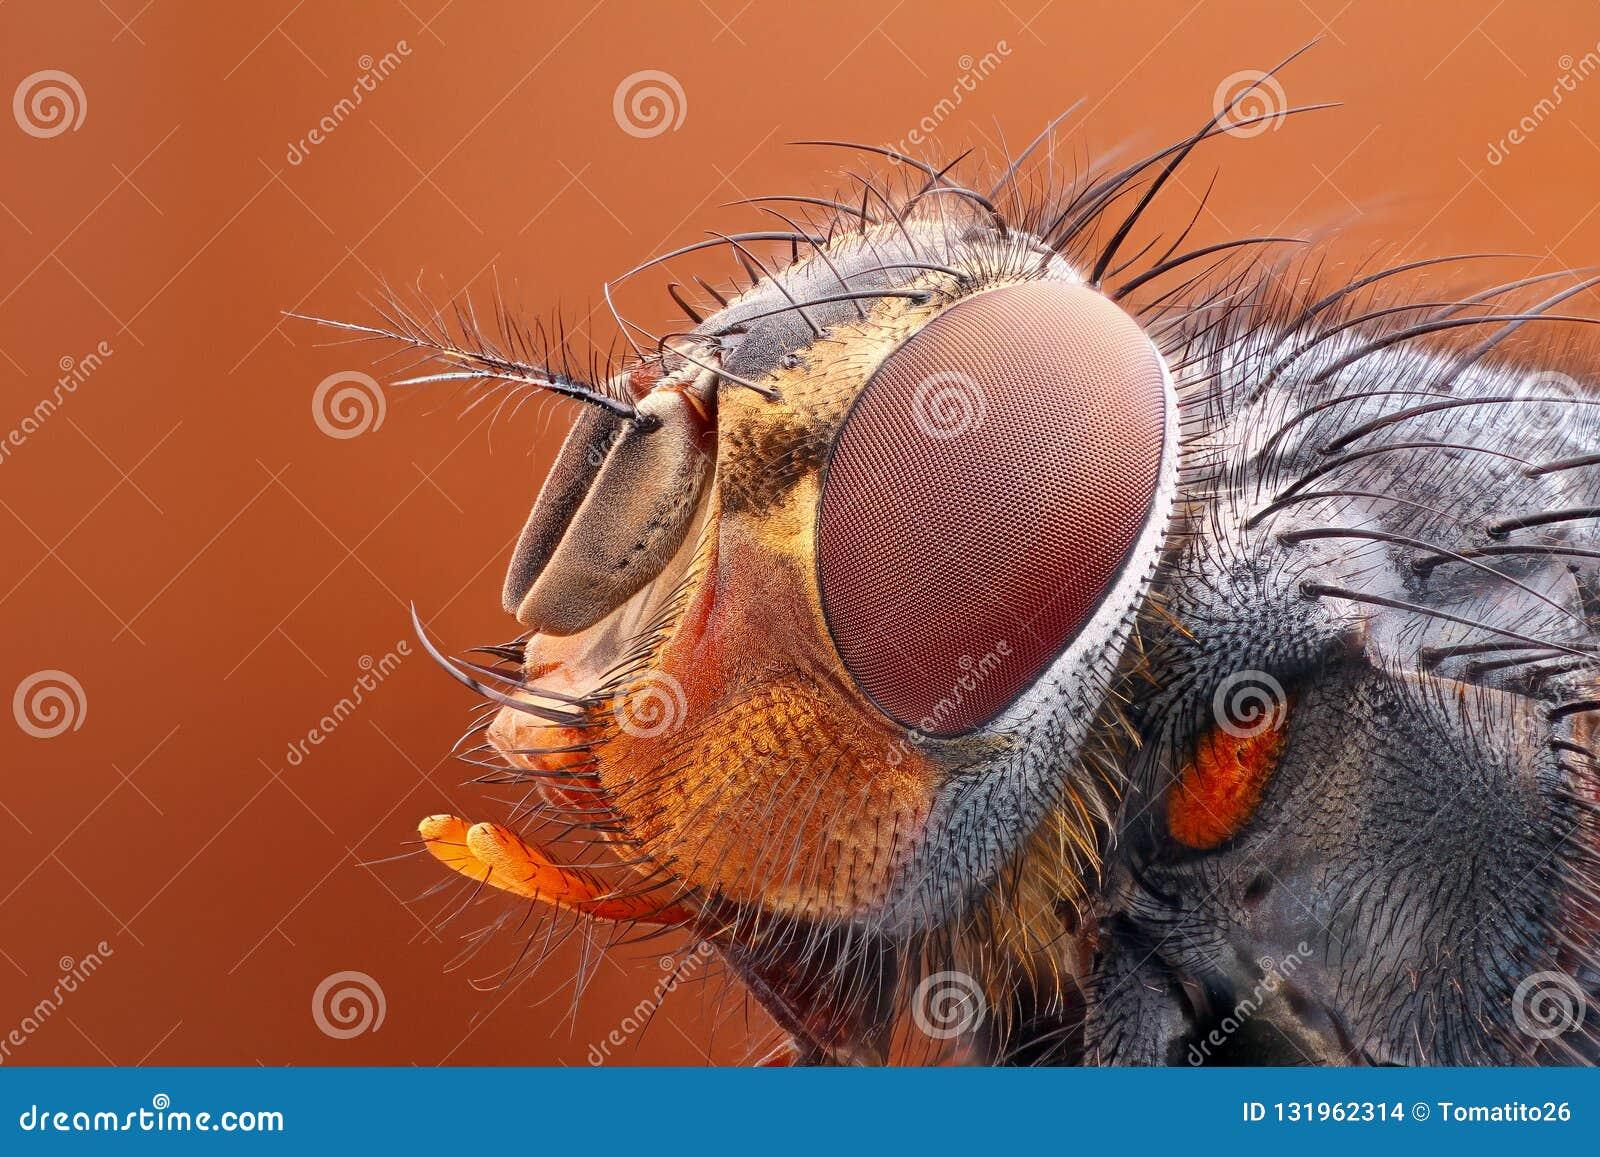 Estudio muy agudo y detallado de la cabeza de la mosca apilado de muchas imágenes en una foto muy aguda